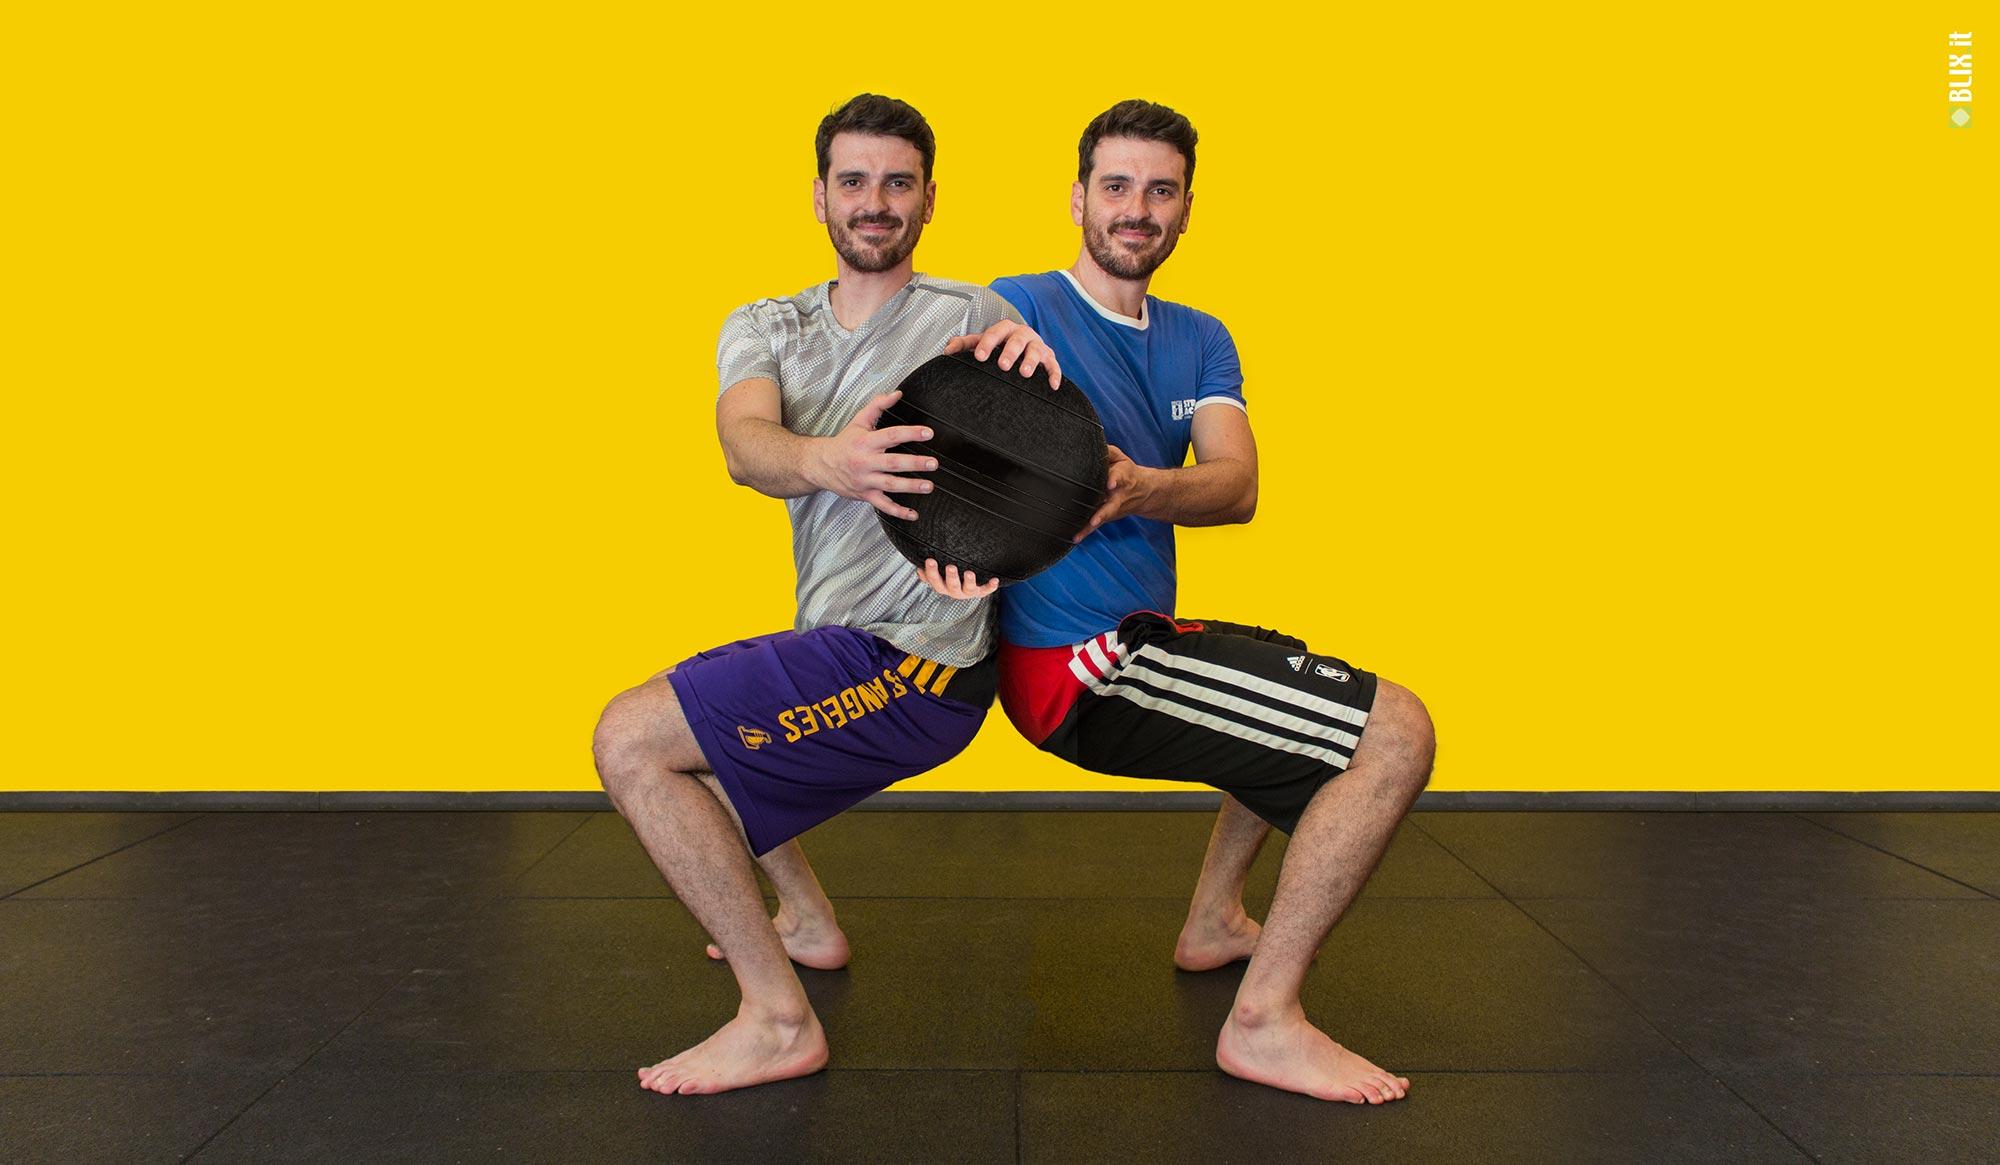 antonio maglione personal trainer fipe